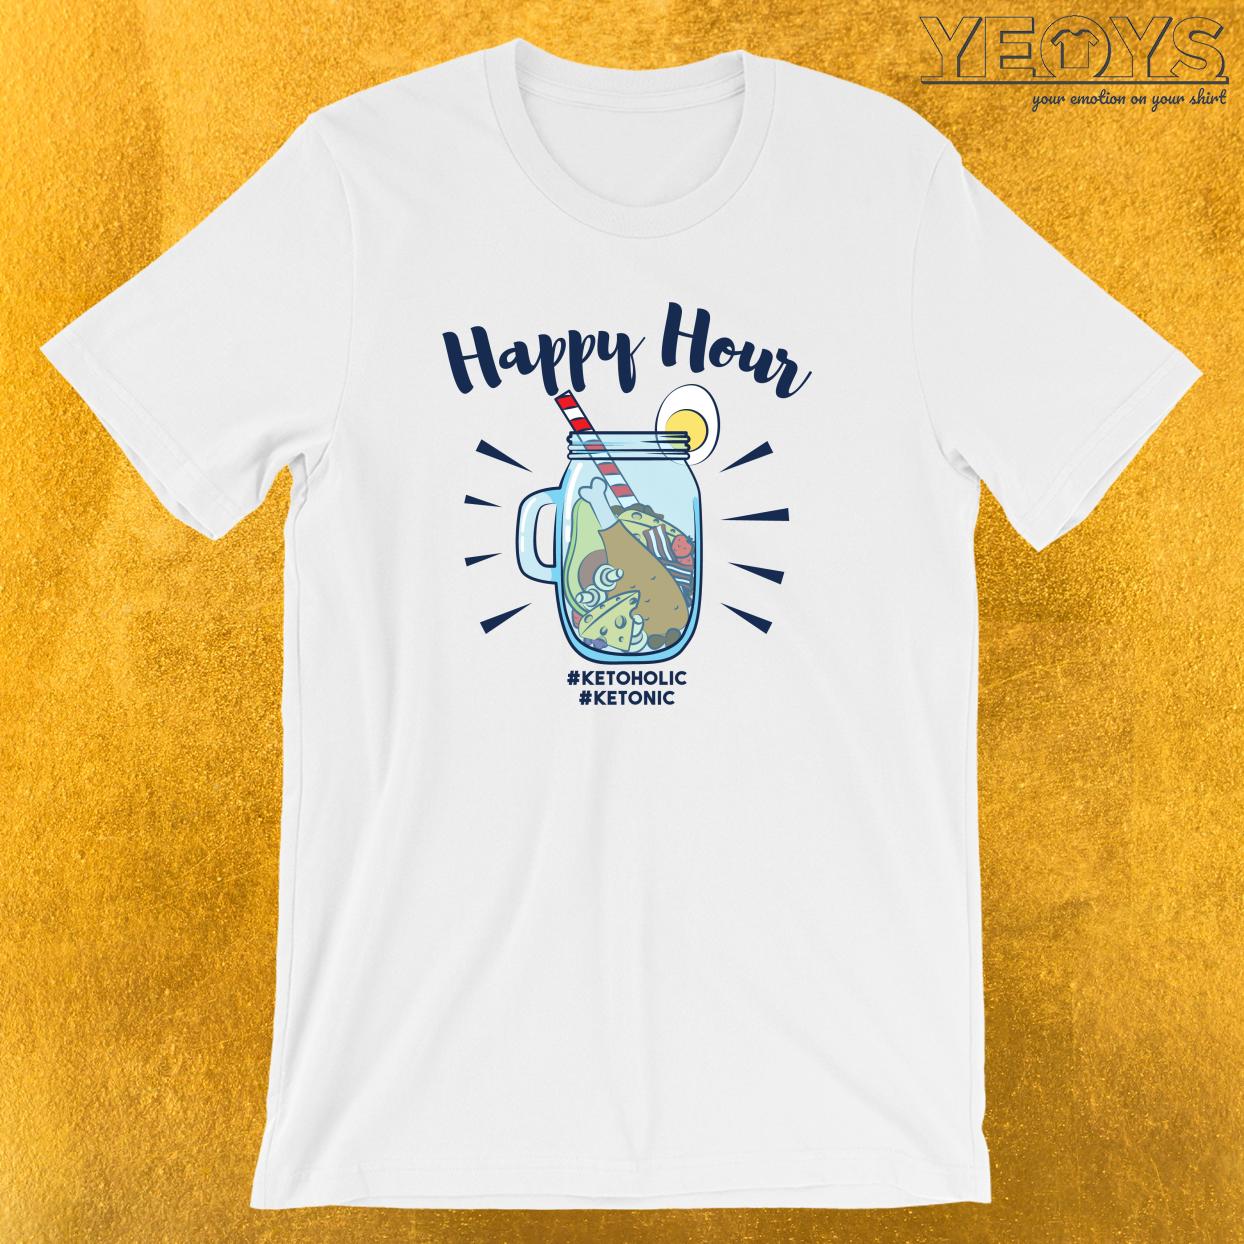 Ketonic Ketoholic T-Shirt